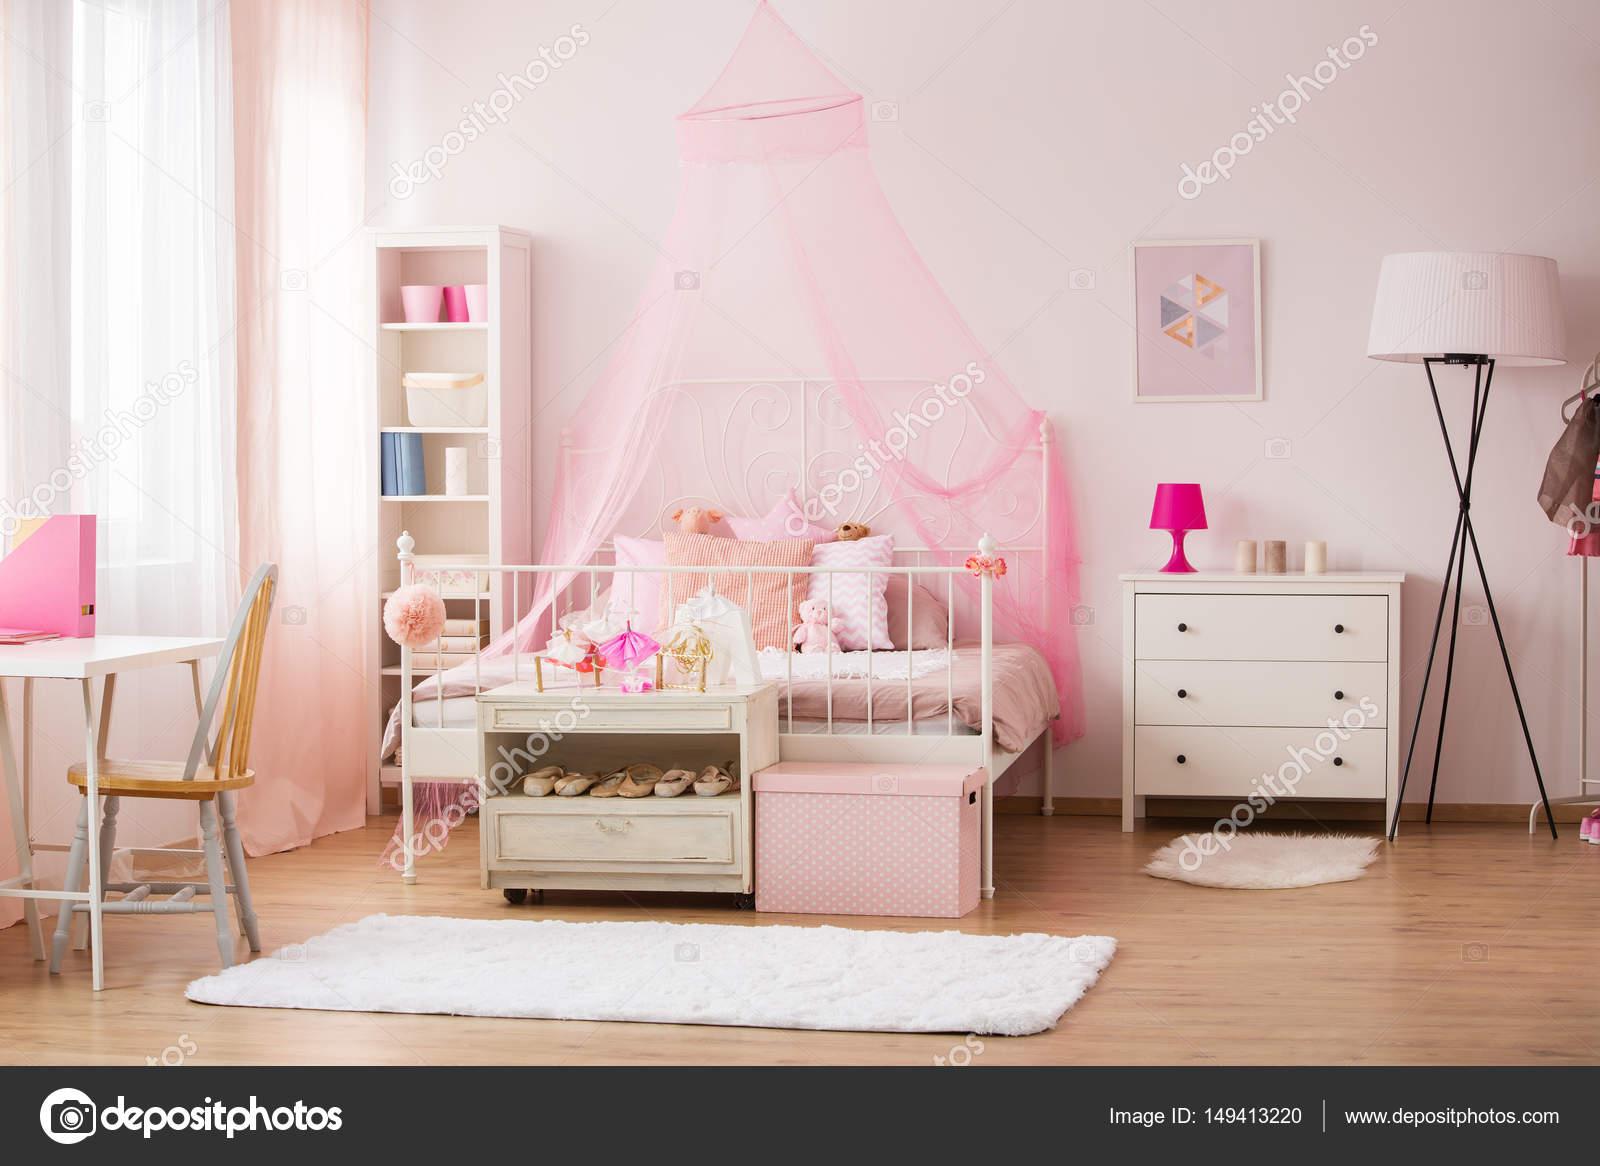 Camera Con Decorazioni Rosa U2014 Foto Stock